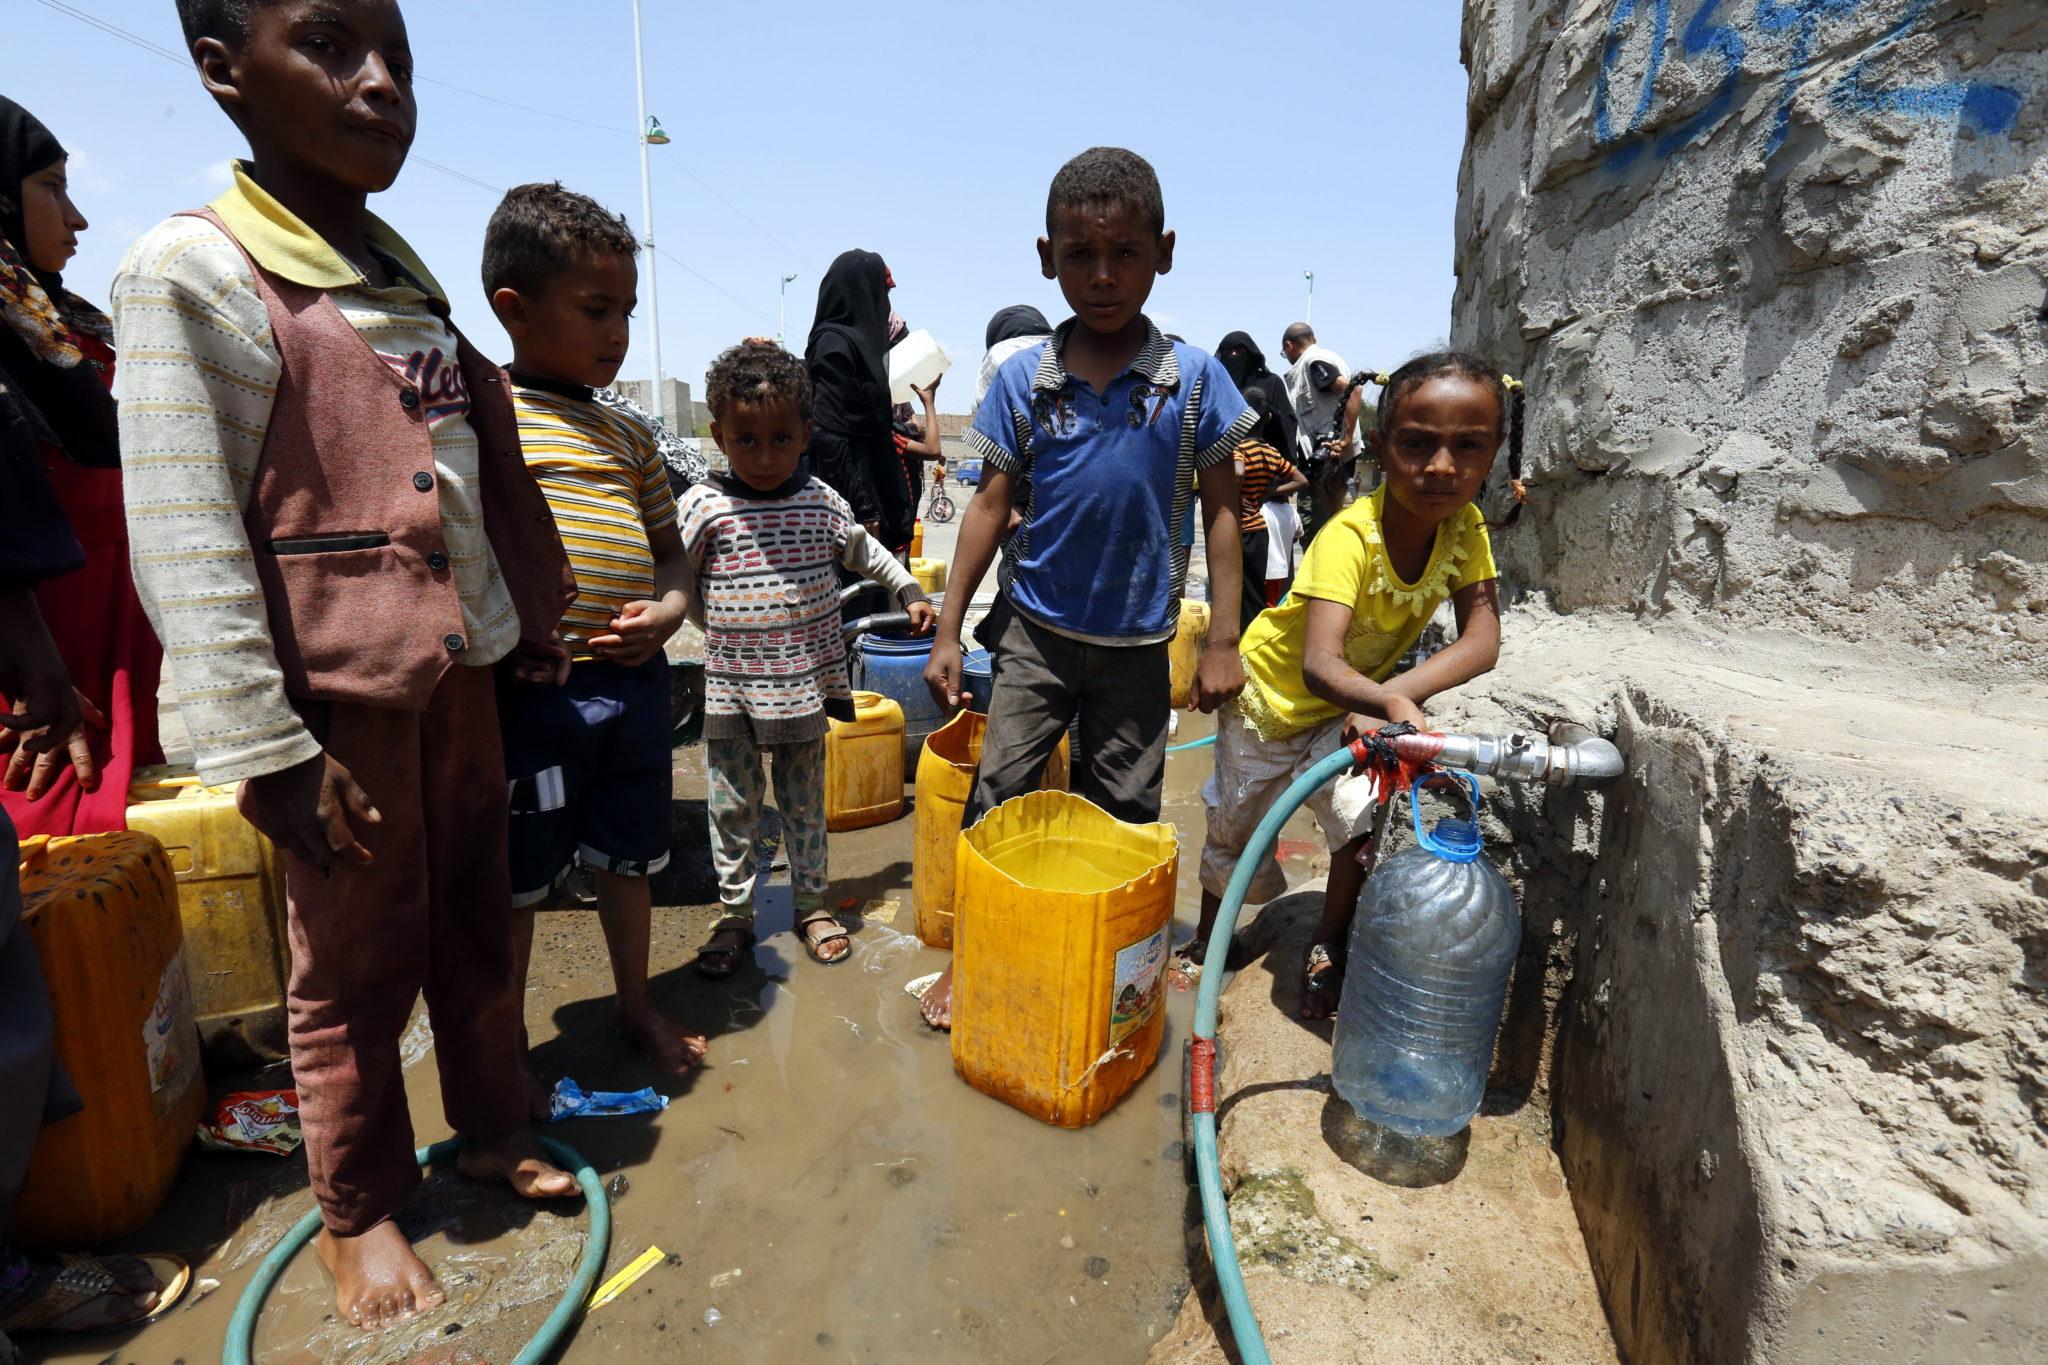 Jemen: zbiórka wody pitnej ze źródła w Sanie. Według raportów ONZ ponad cztery lata eskalacji walk w Jemenie doprowadziły do najgorszego kryzysu humanitarnego na świecie, gdzie około 80% z 26-milionowa ludności Jemenu potrzebuje pomocy humanitarnej, fot. YAHYA ARHAB, PAP/EPA